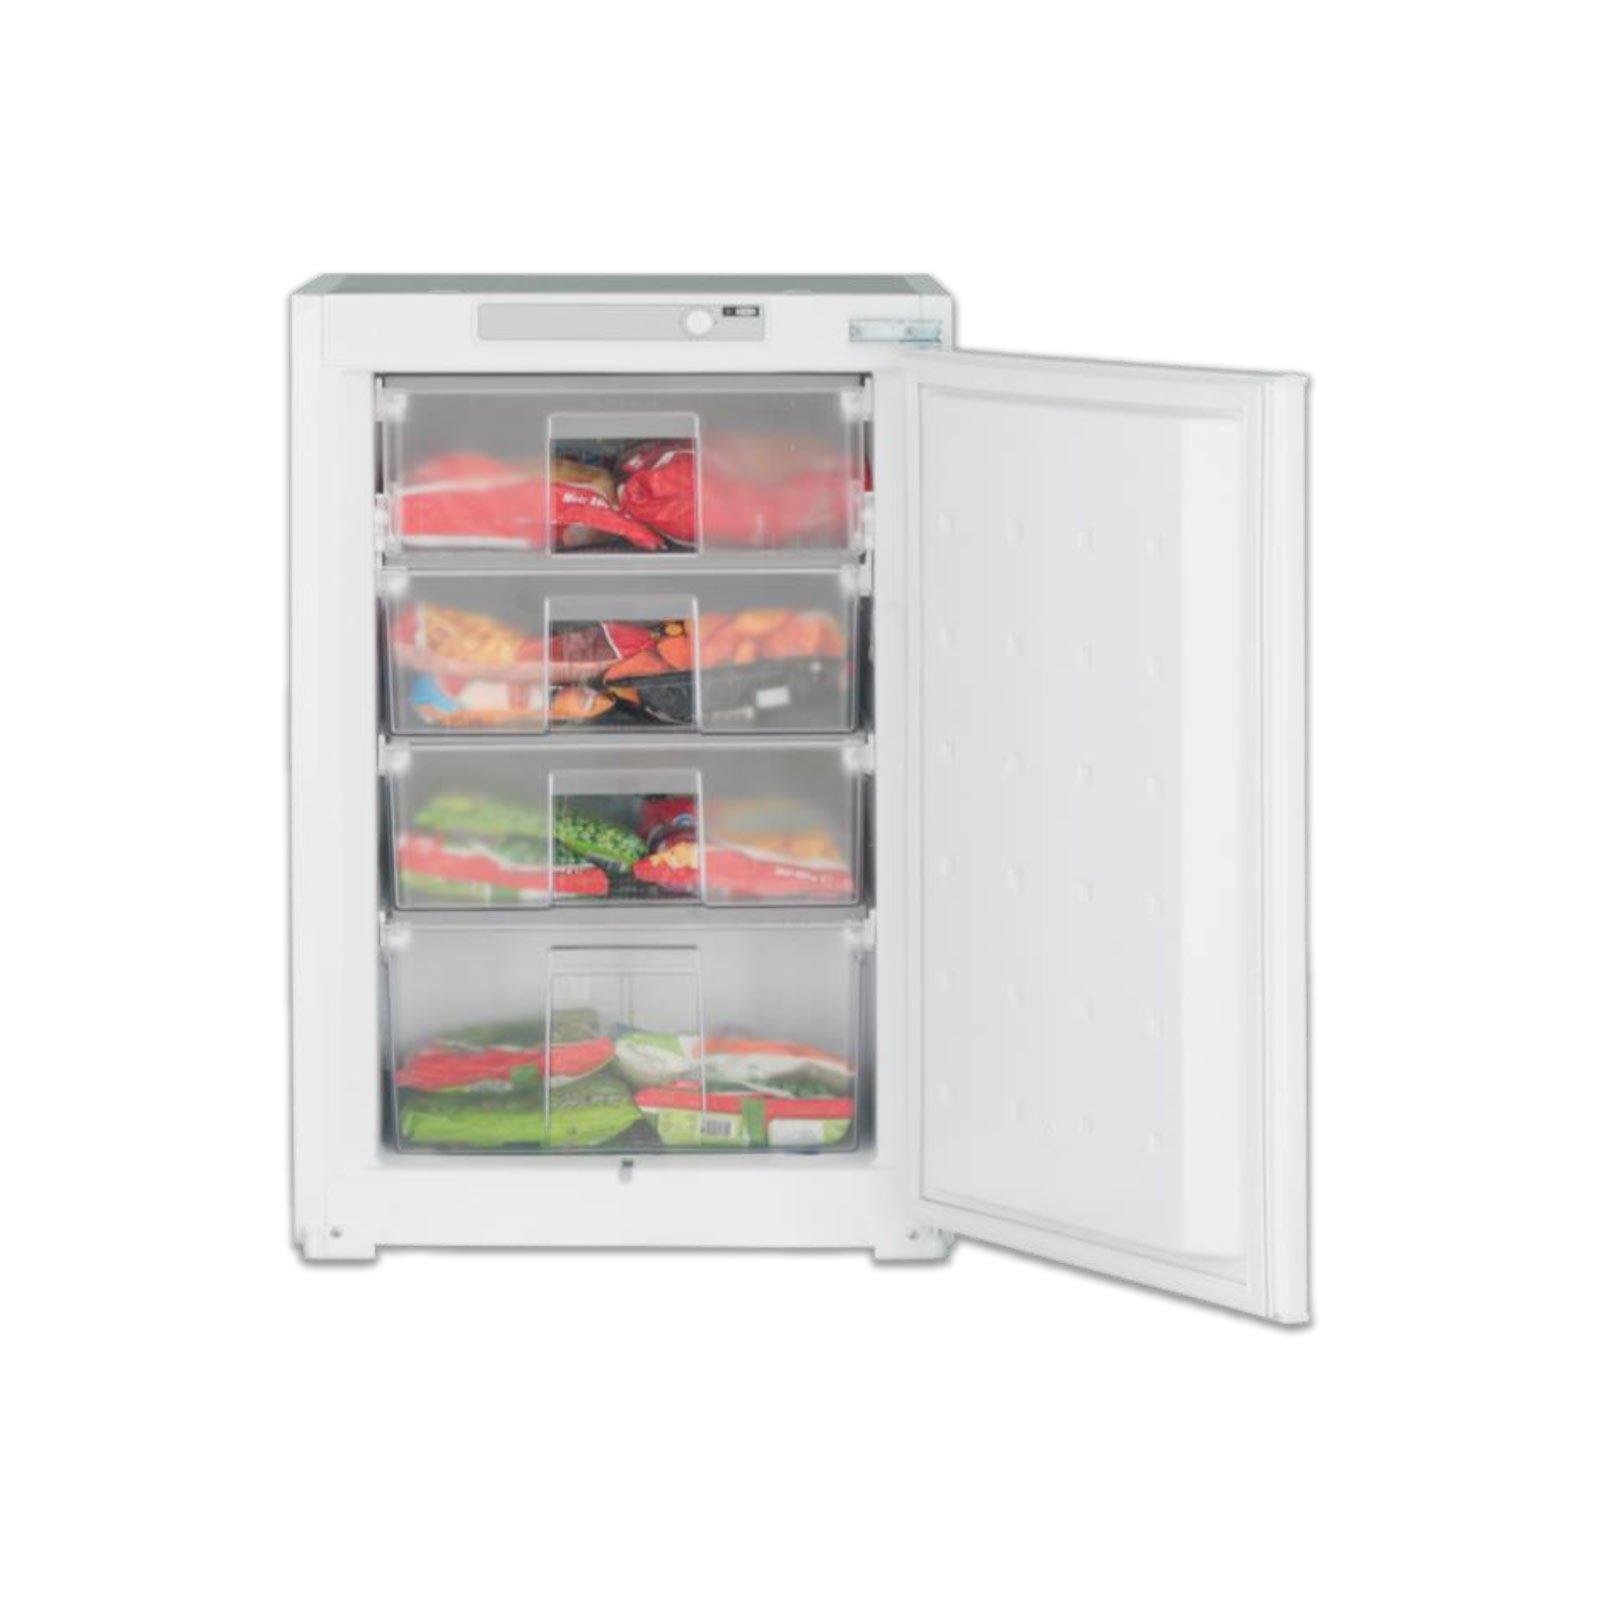 Kühlschränke & Gefrierschränke günstig bei ROLLER online kaufen